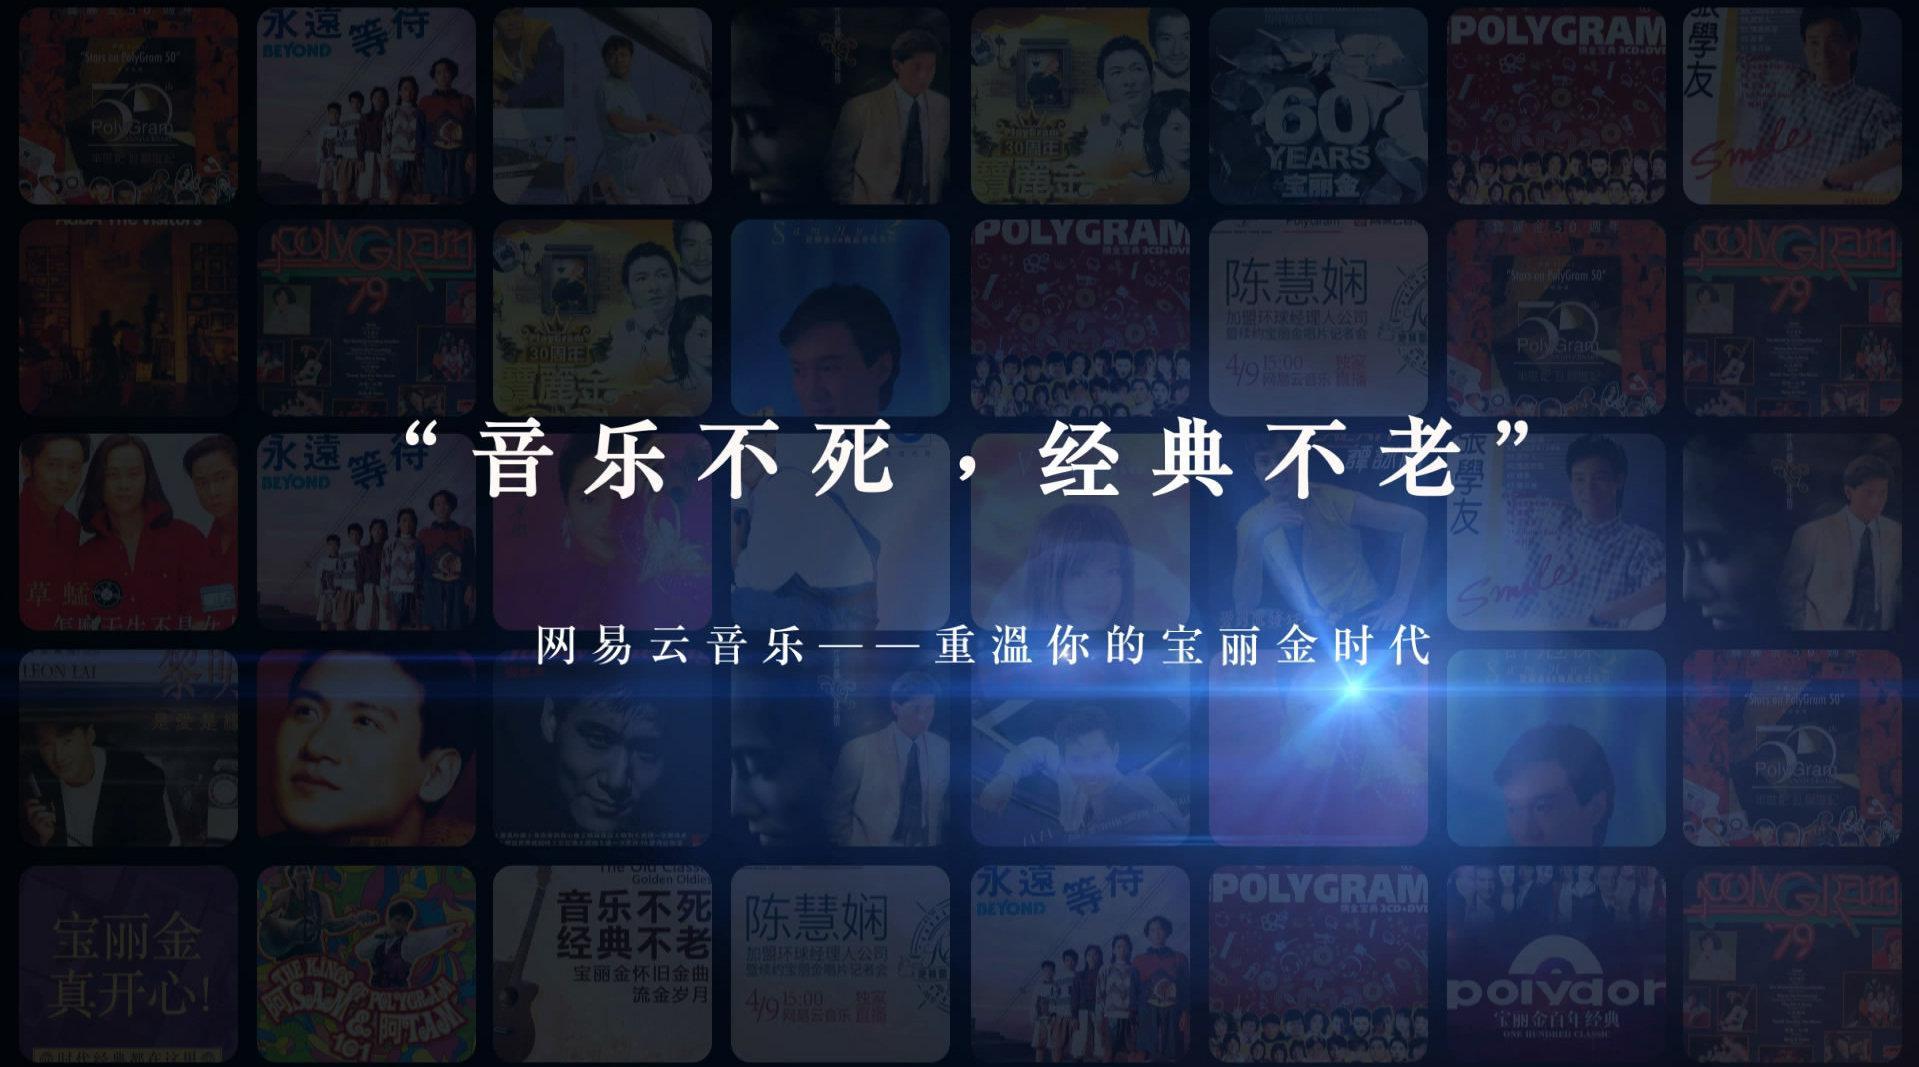 在宝丽金音乐风靡华语乐坛的时代……